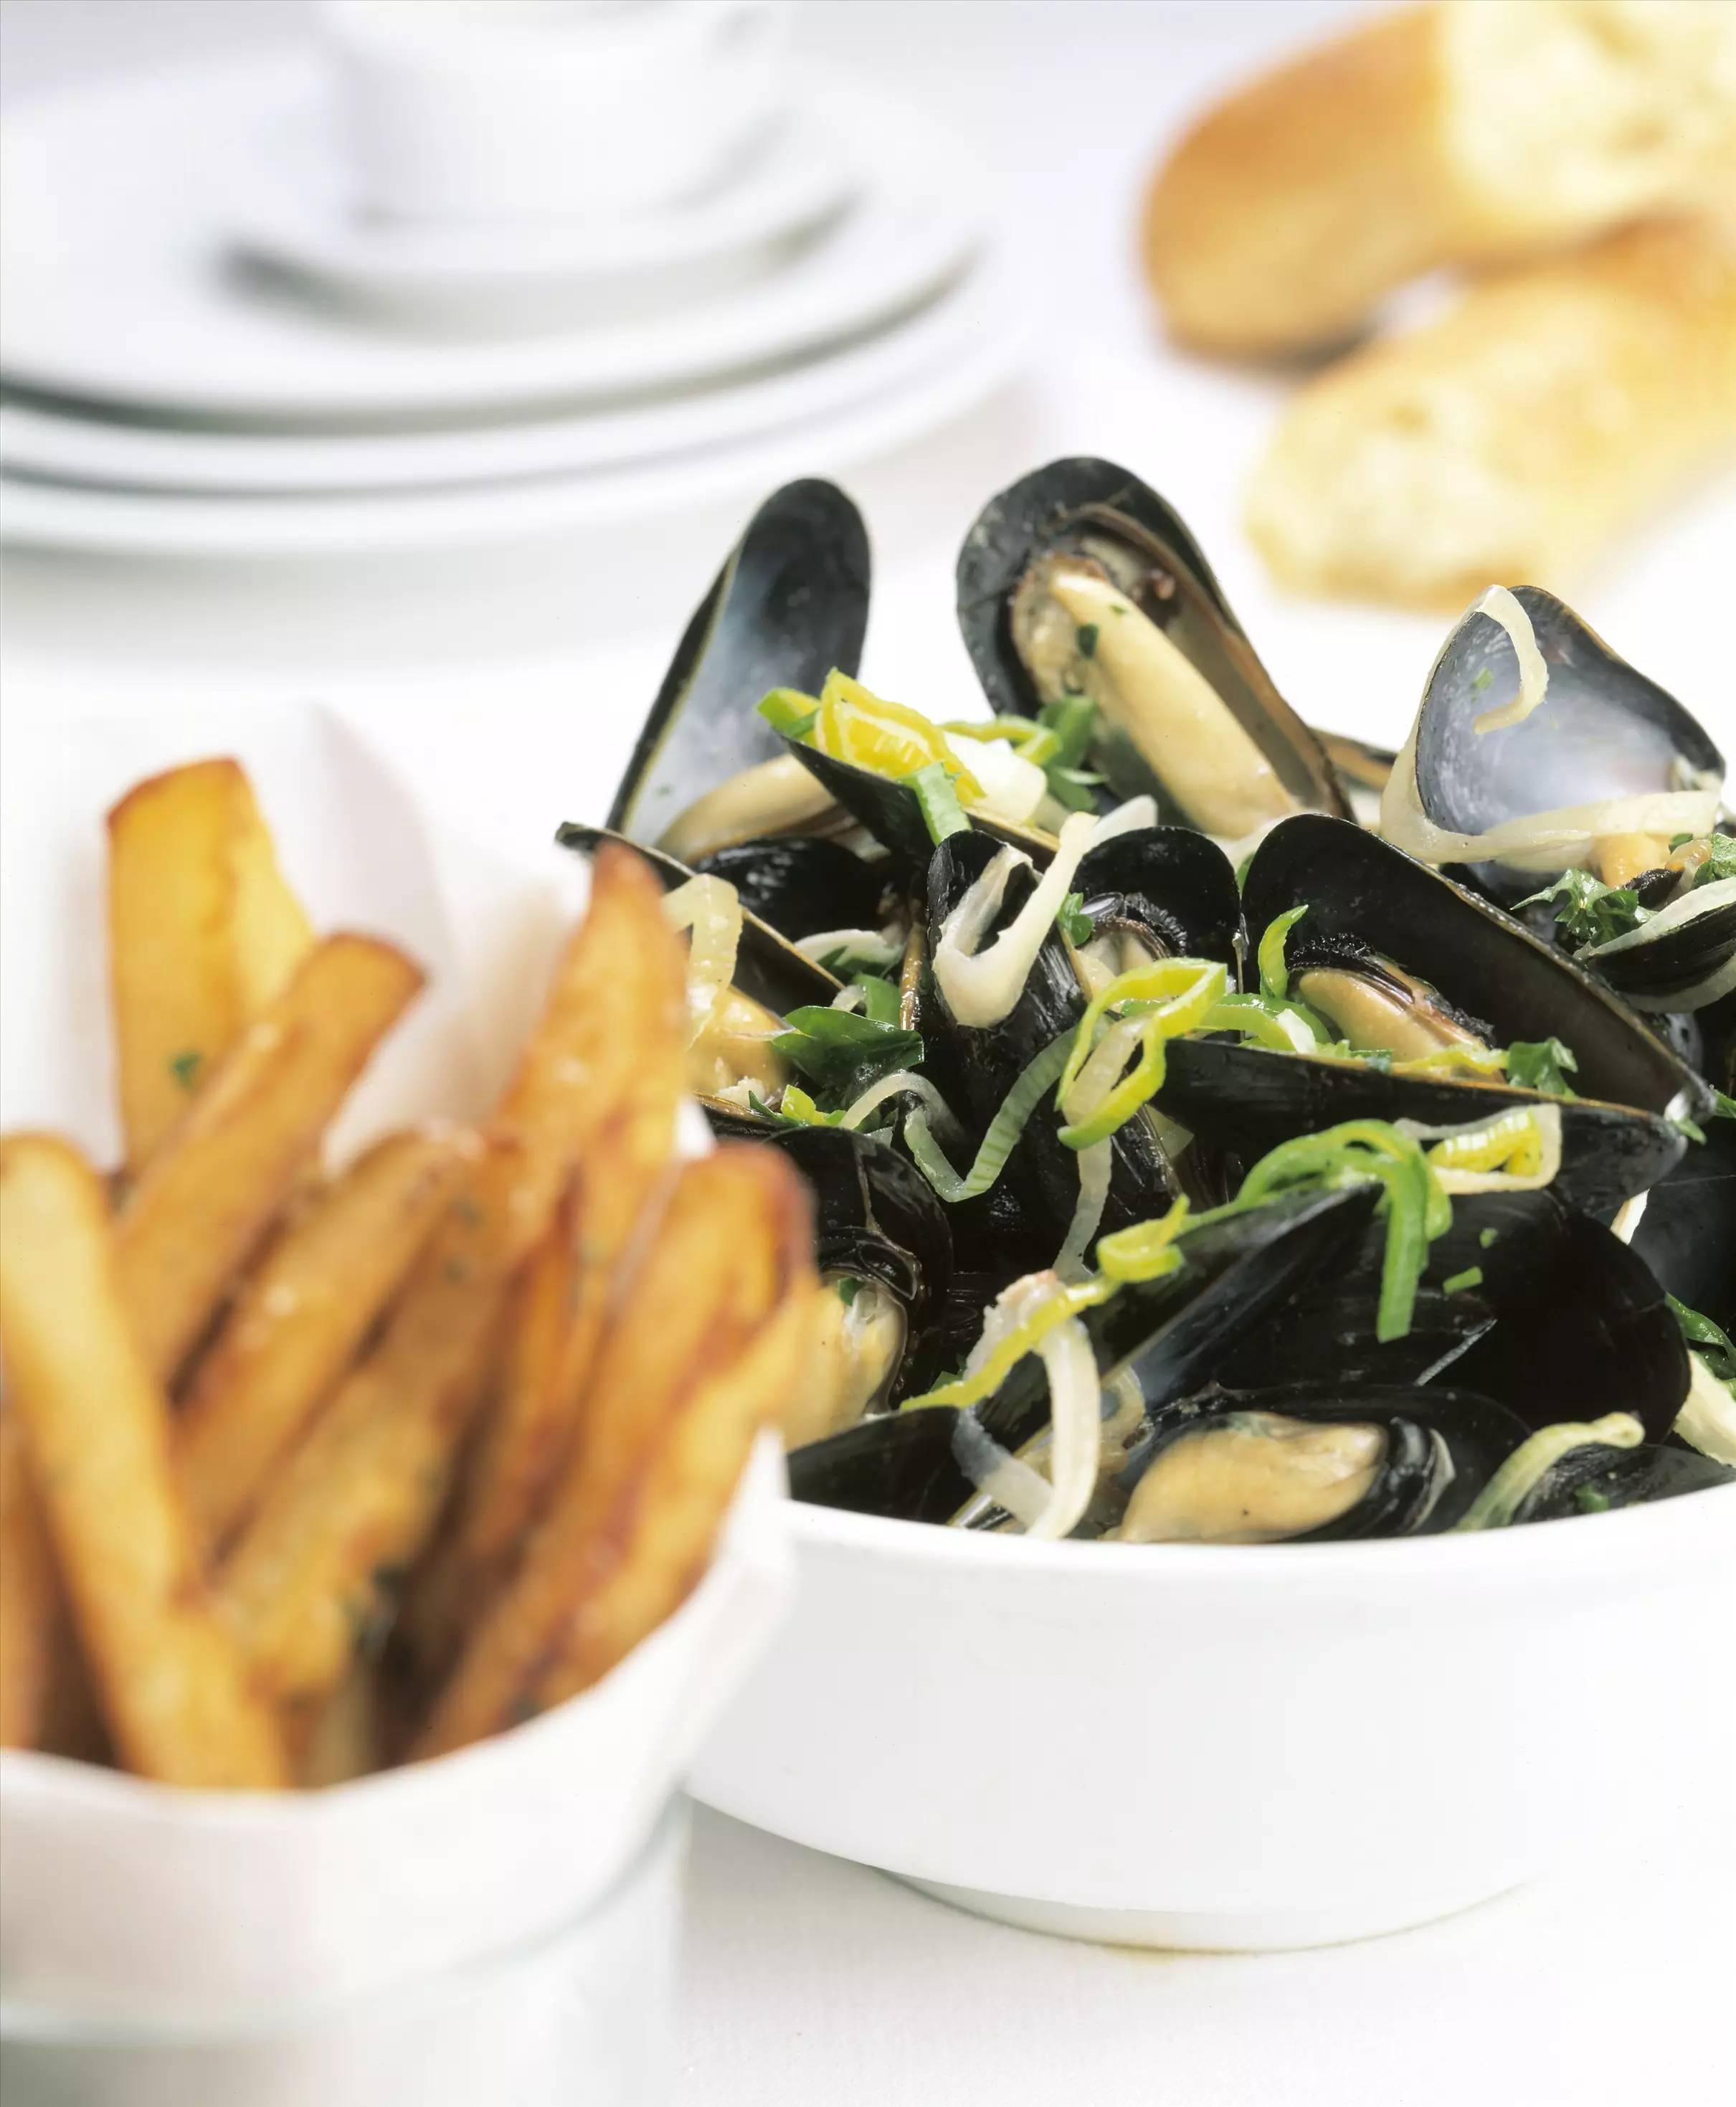 法国各大区的特色菜:你都吃过哪些?